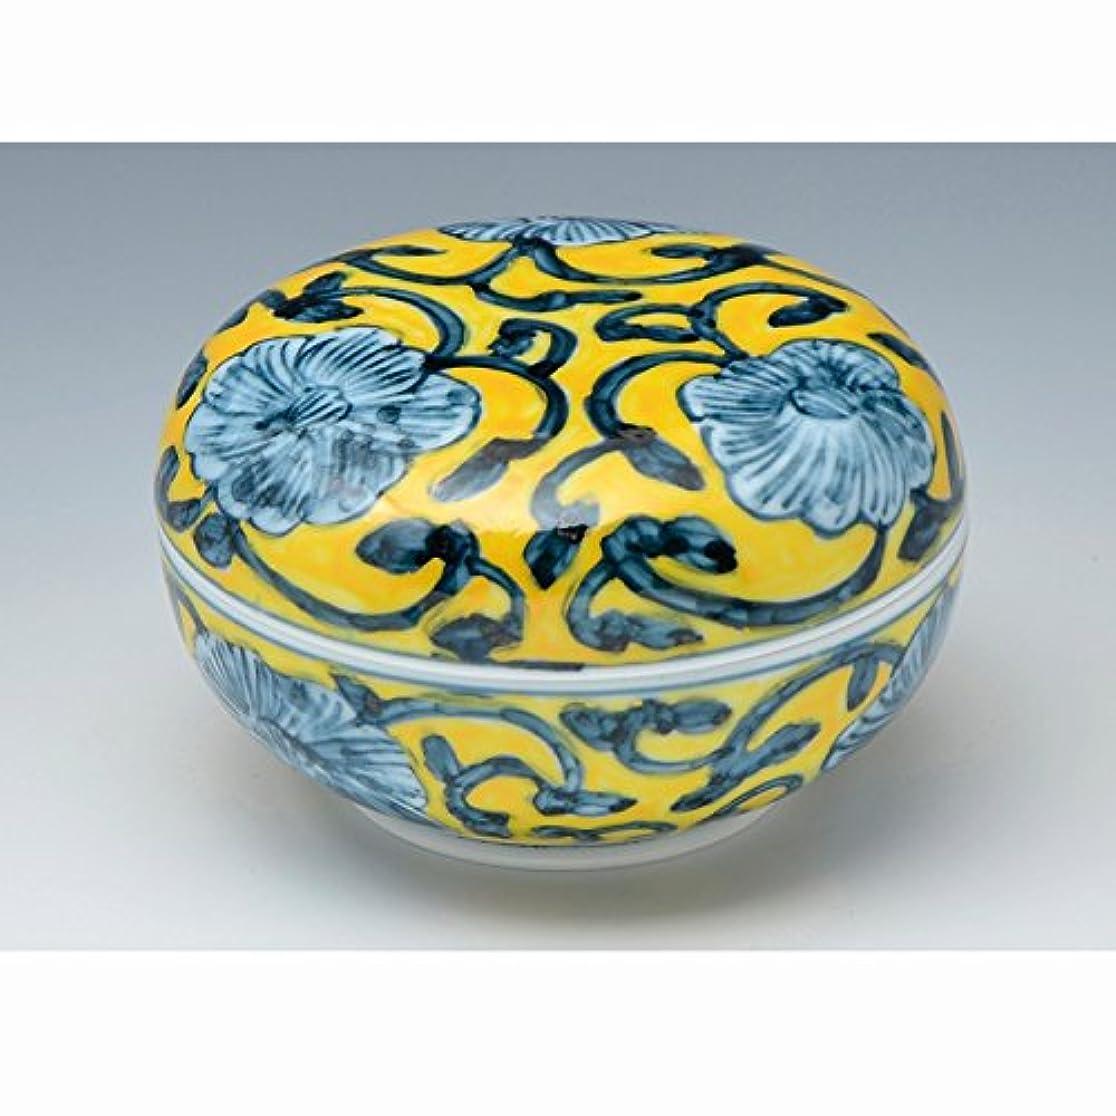 ドループ浴無駄にkiyomizu-kyo Yaki Ware。日本磁器kogo Incense Burner Ayellowアラベスクwith Paper Box。kymz-frk105